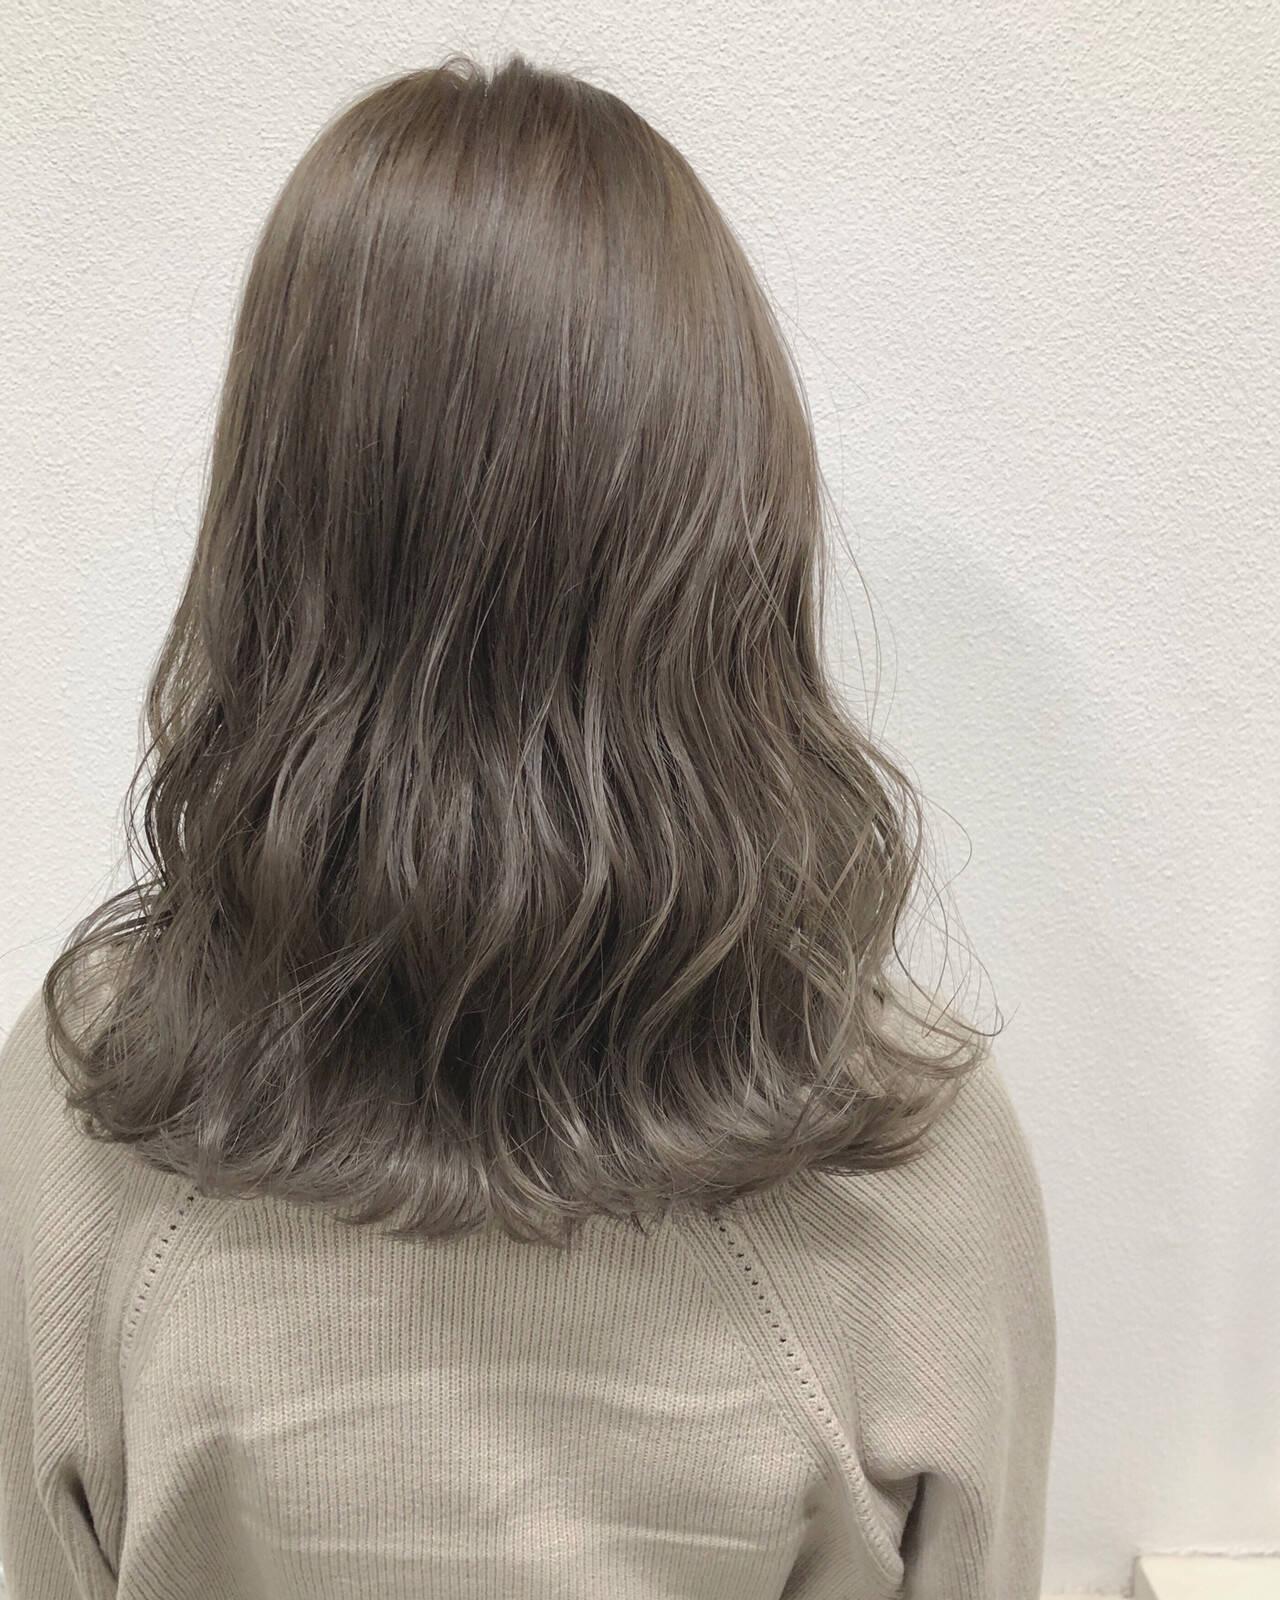 バレイヤージュ ミルクティーグレージュ 外国人風カラー ヘアアレンジヘアスタイルや髪型の写真・画像